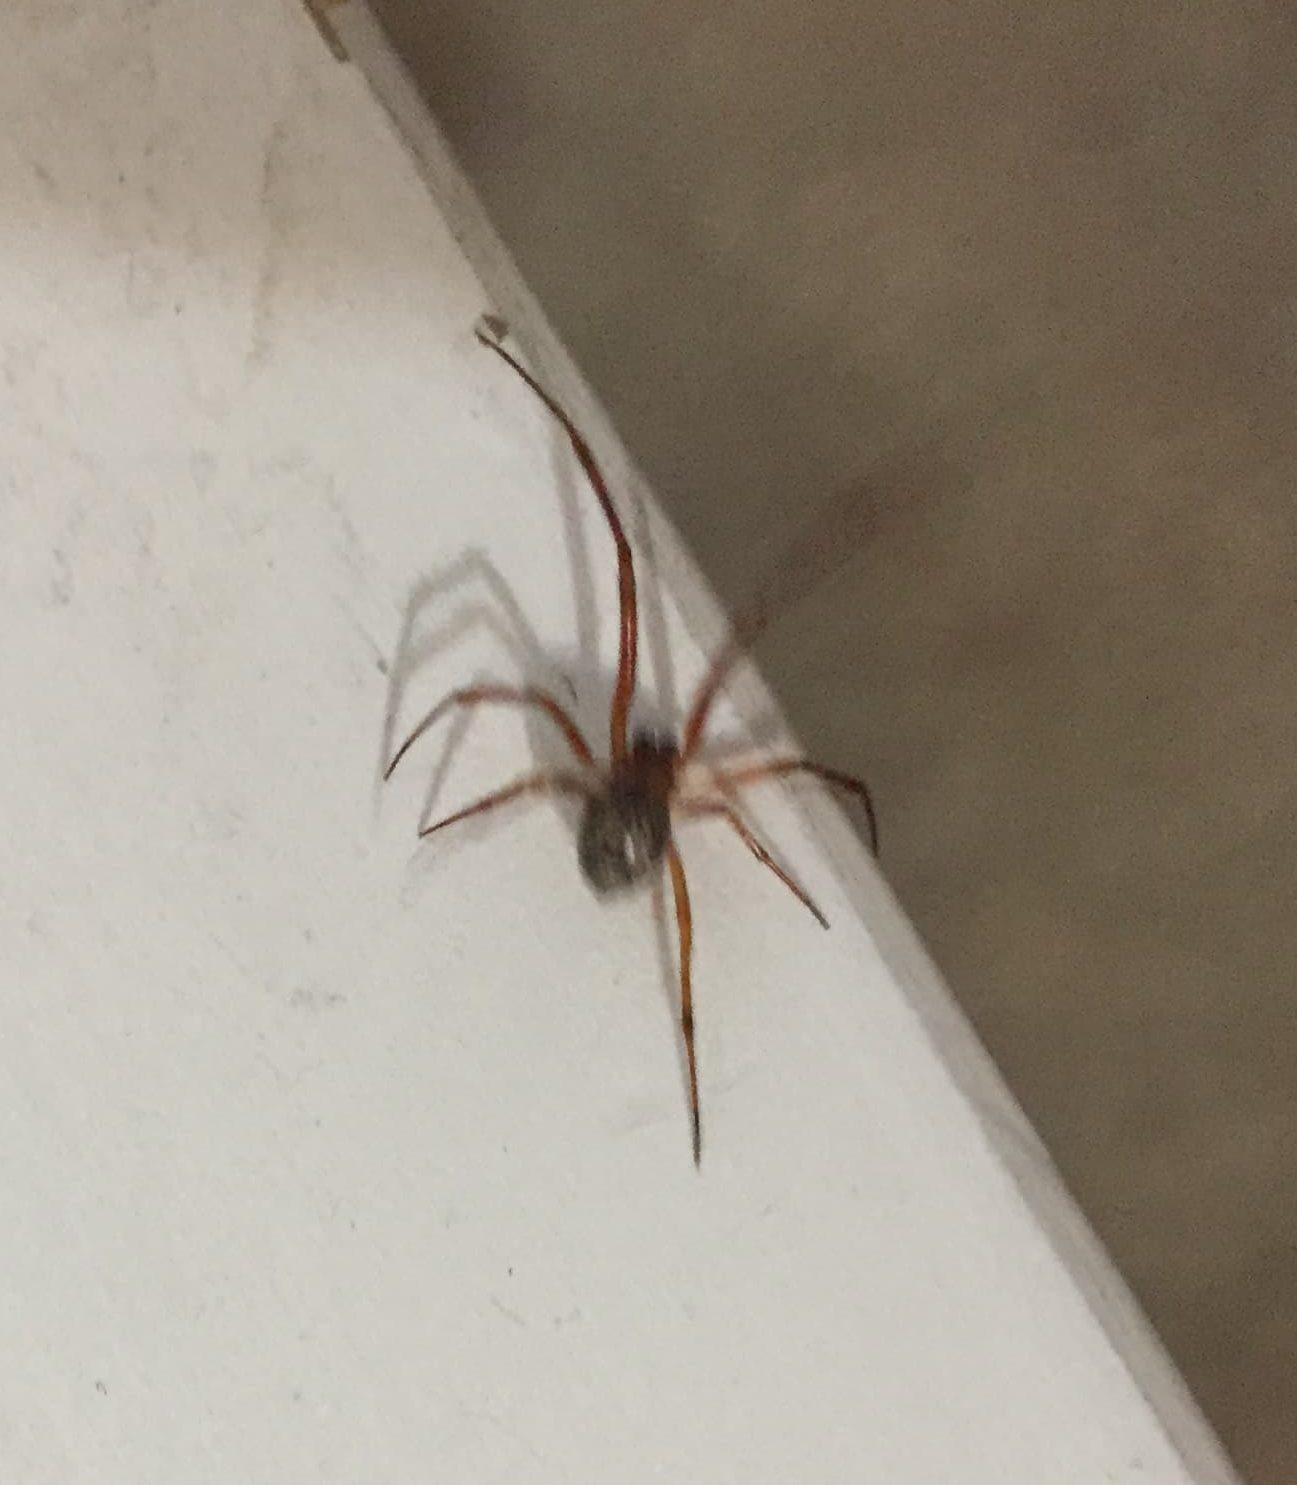 Picture of Parasteatoda tepidariorum (Common House Spider) - Male - Dorsal